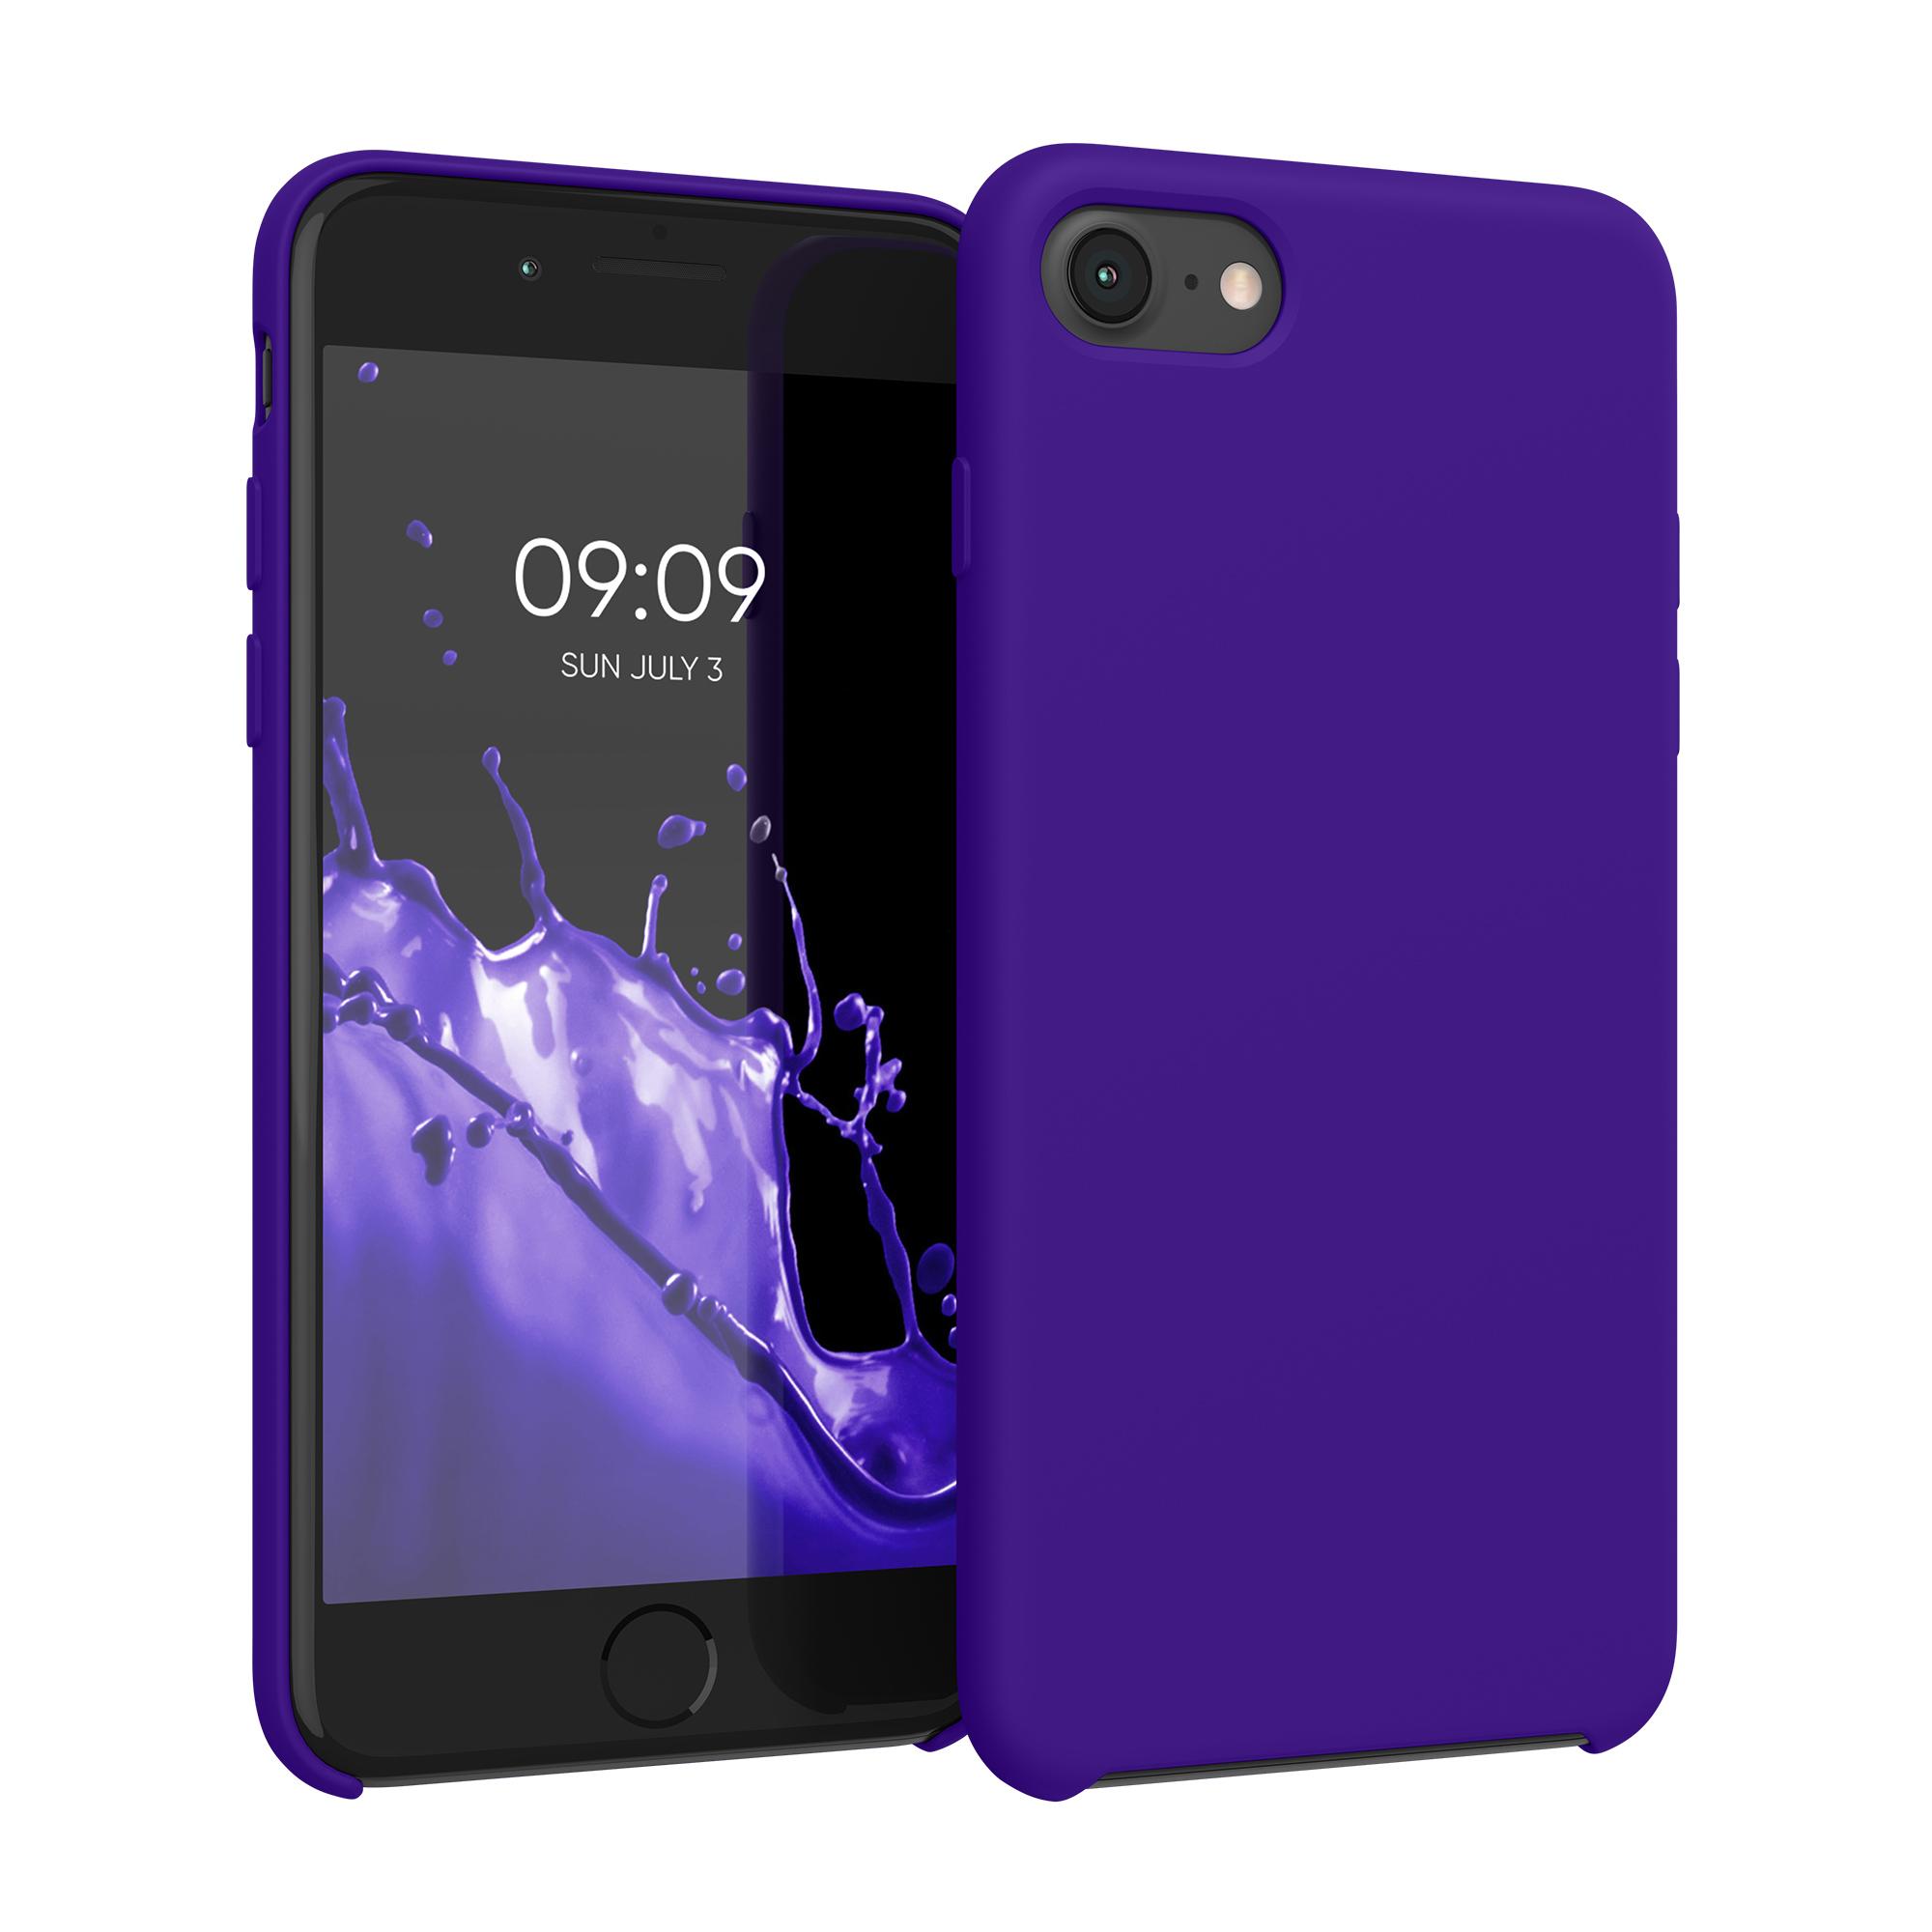 Kvalitní silikonové TPU pouzdro pro Apple iPhone 7 / 8 / SE  - fialový